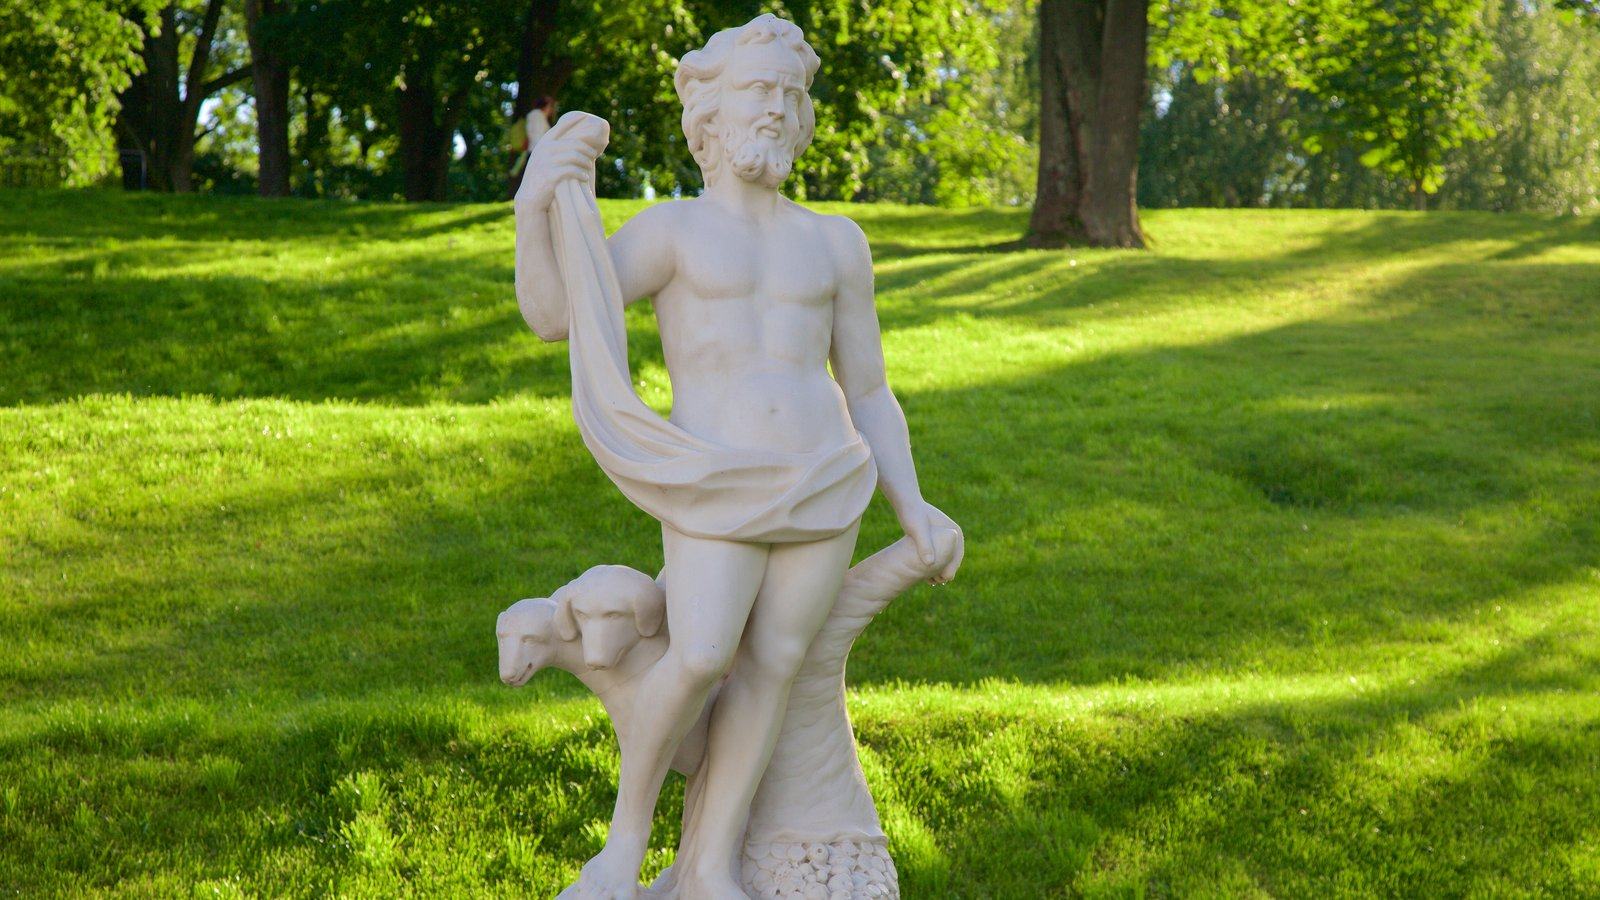 Palácio e Jardins Peterhof mostrando uma estátua ou escultura e um jardim